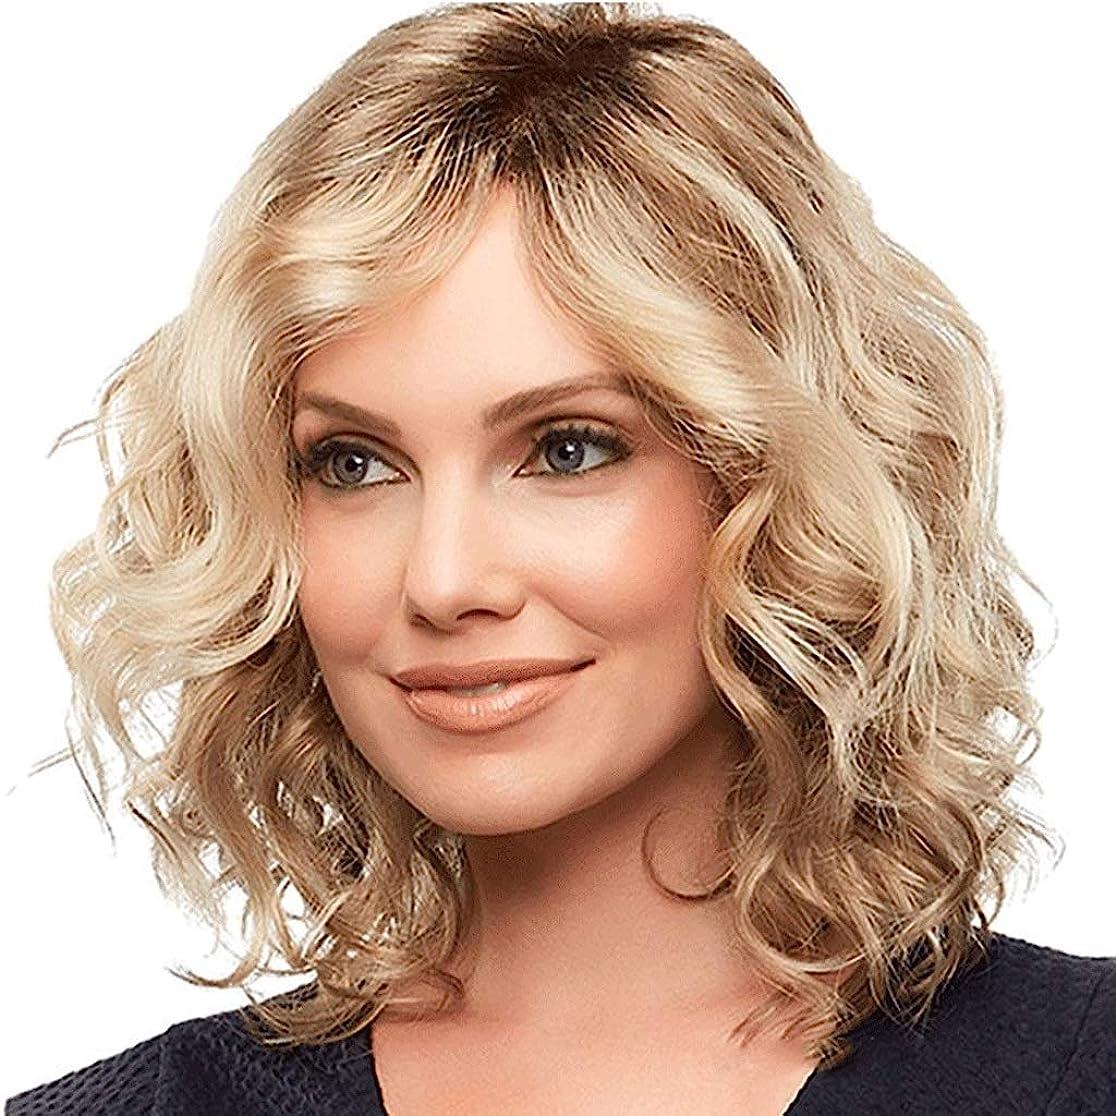 コンパイル安心自分の力ですべてをする女性用ウィッグブロンドミディアムレングスウェーブのかかった人工毛ウィッグ (色 : Blond)